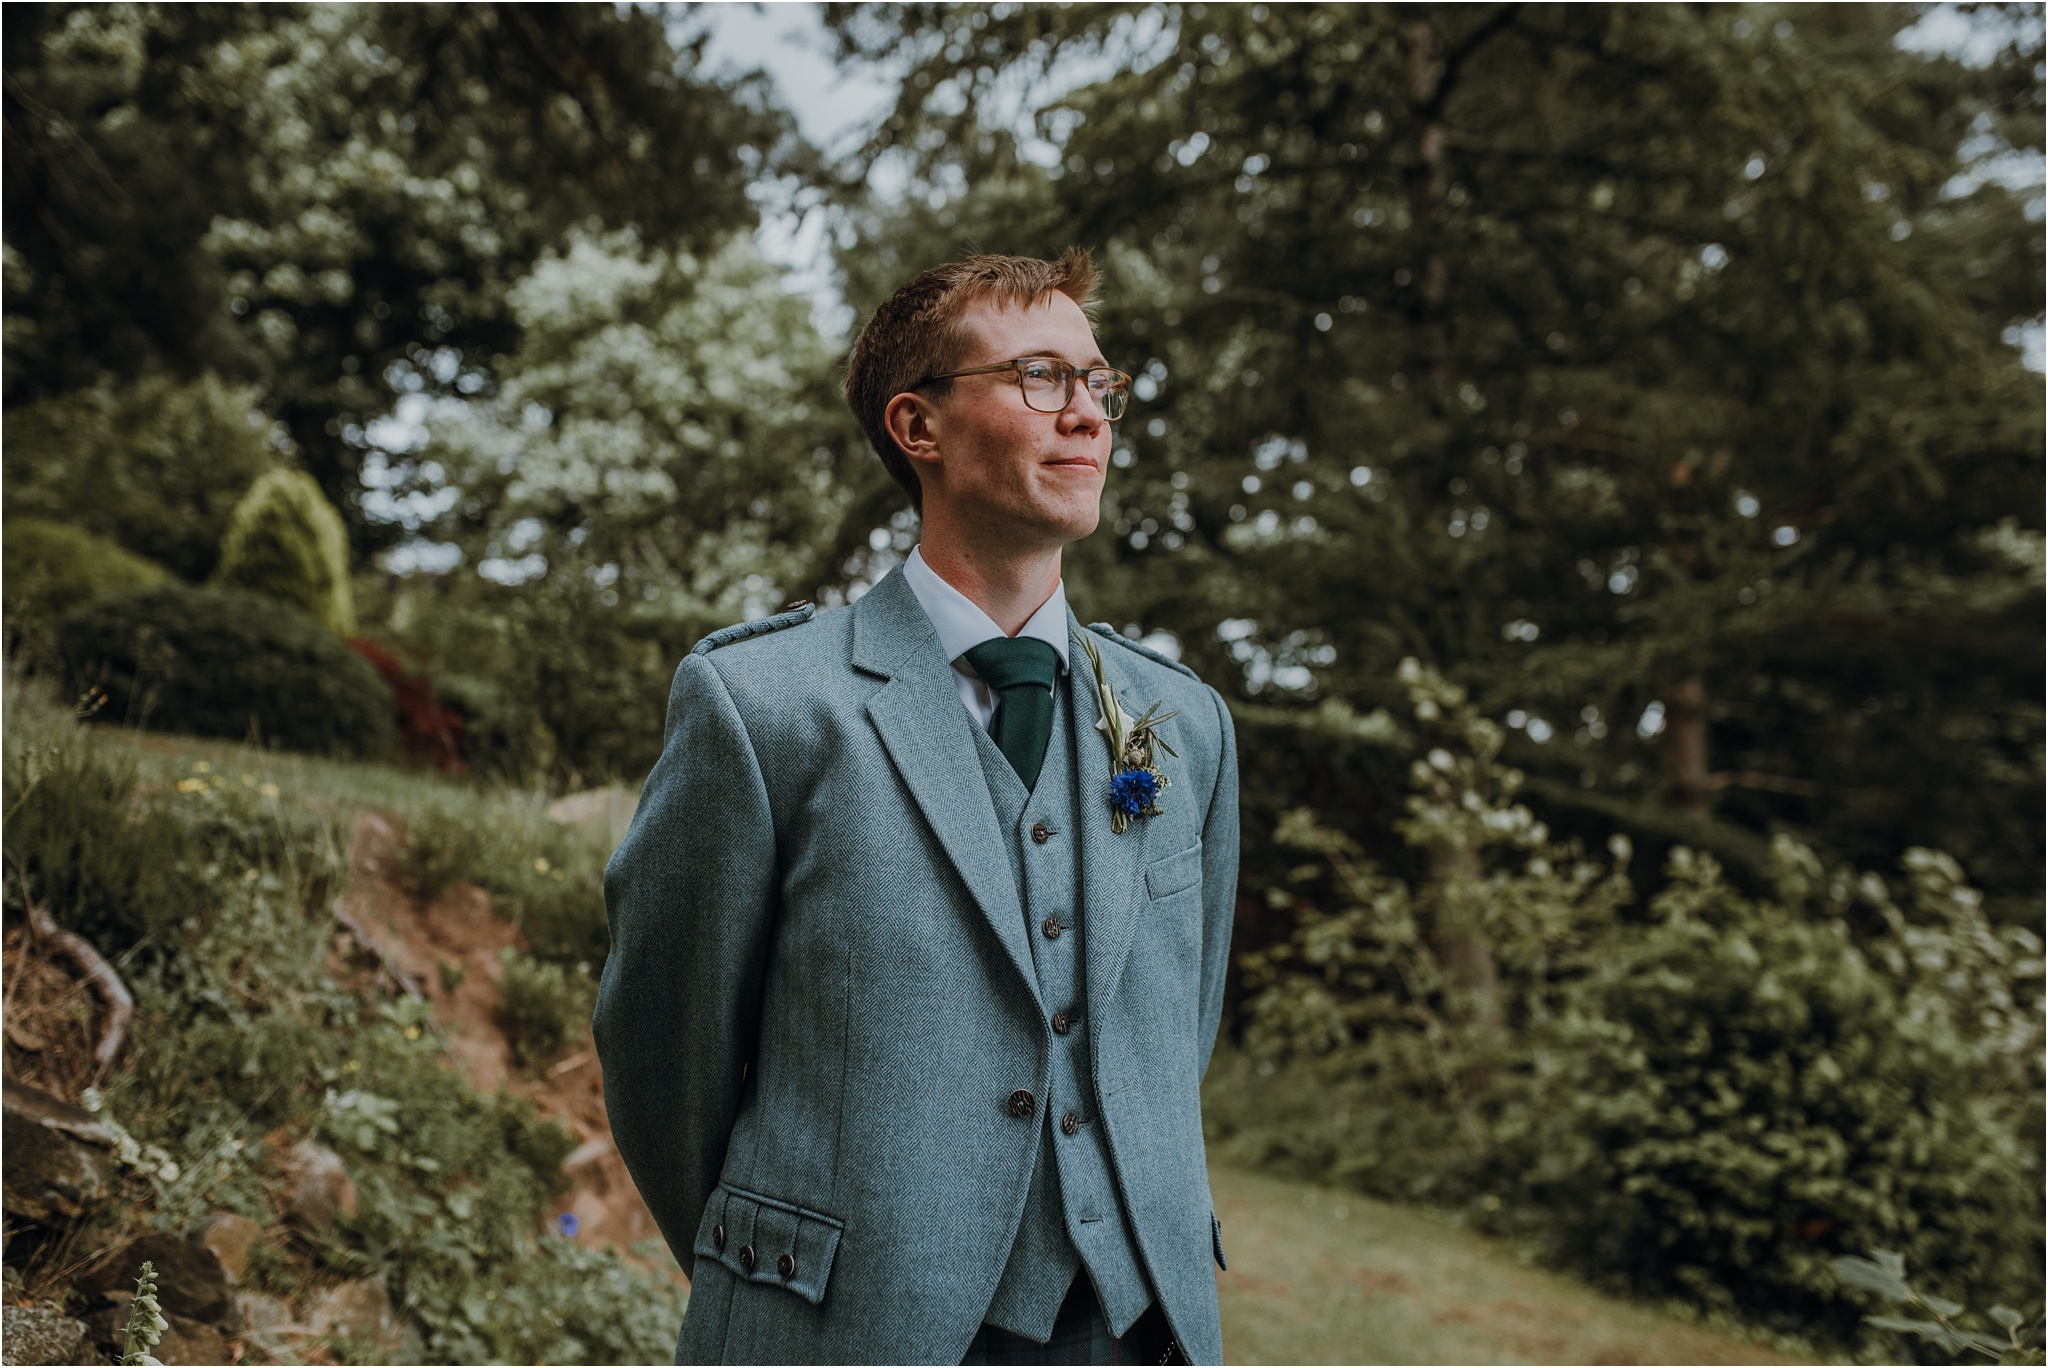 Edinburgh-barn-wedding-photographer_74.jpg